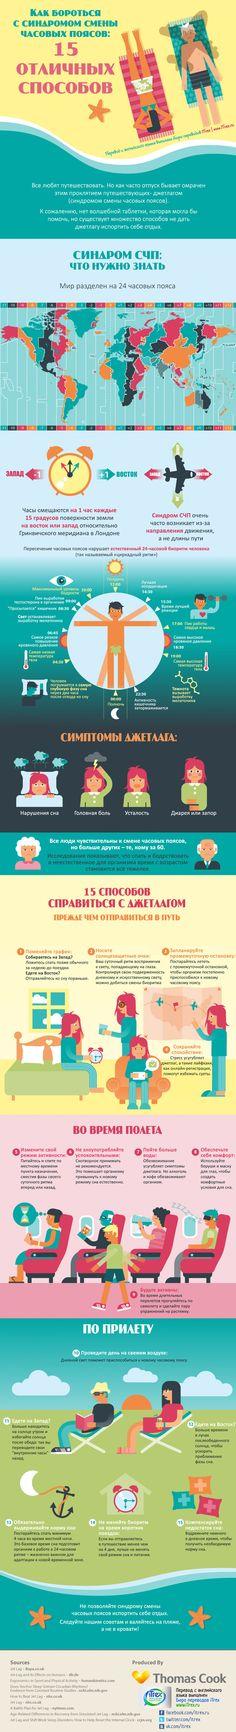 Летите в дальние страны? Мы подскажем как избежать симптомов джетлага. Что такое джетлаг? Читайте в инфографике :) И хороших вам выходных! http://itrex.ru/news/15-sposobov-borotsya-s-jetlag